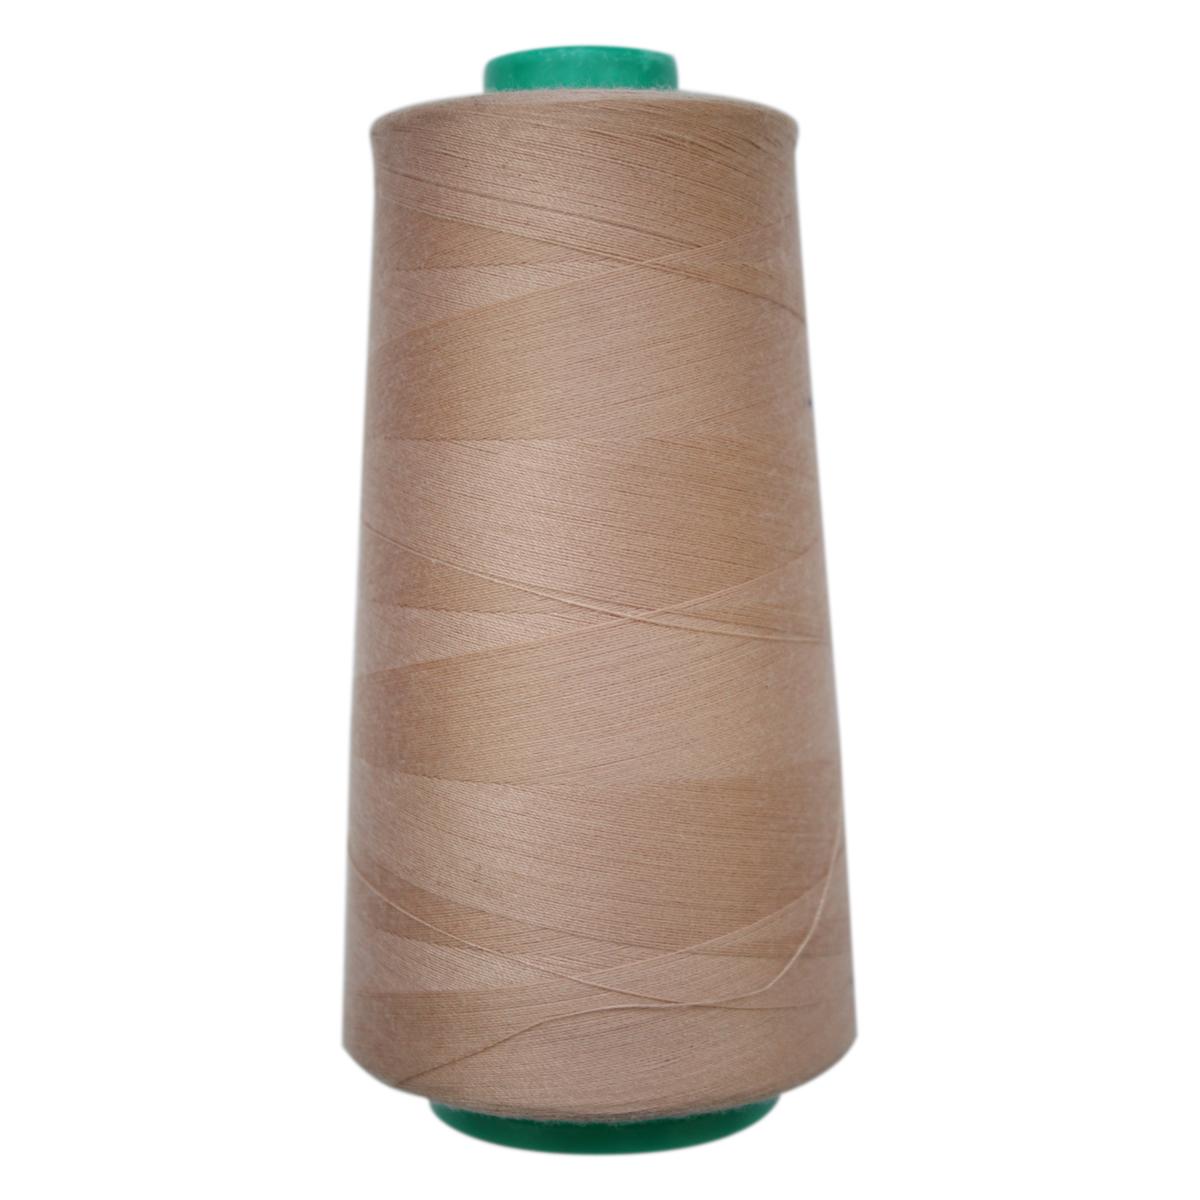 Нитки для шитья Bestex 50/2, 5000 ярд, цвет: бежевый (215)7700936-215Сфера использования: трикотаж; ткани малого веса; оверлочные швы; отделка краев; вышивка. Размер игл №70-80